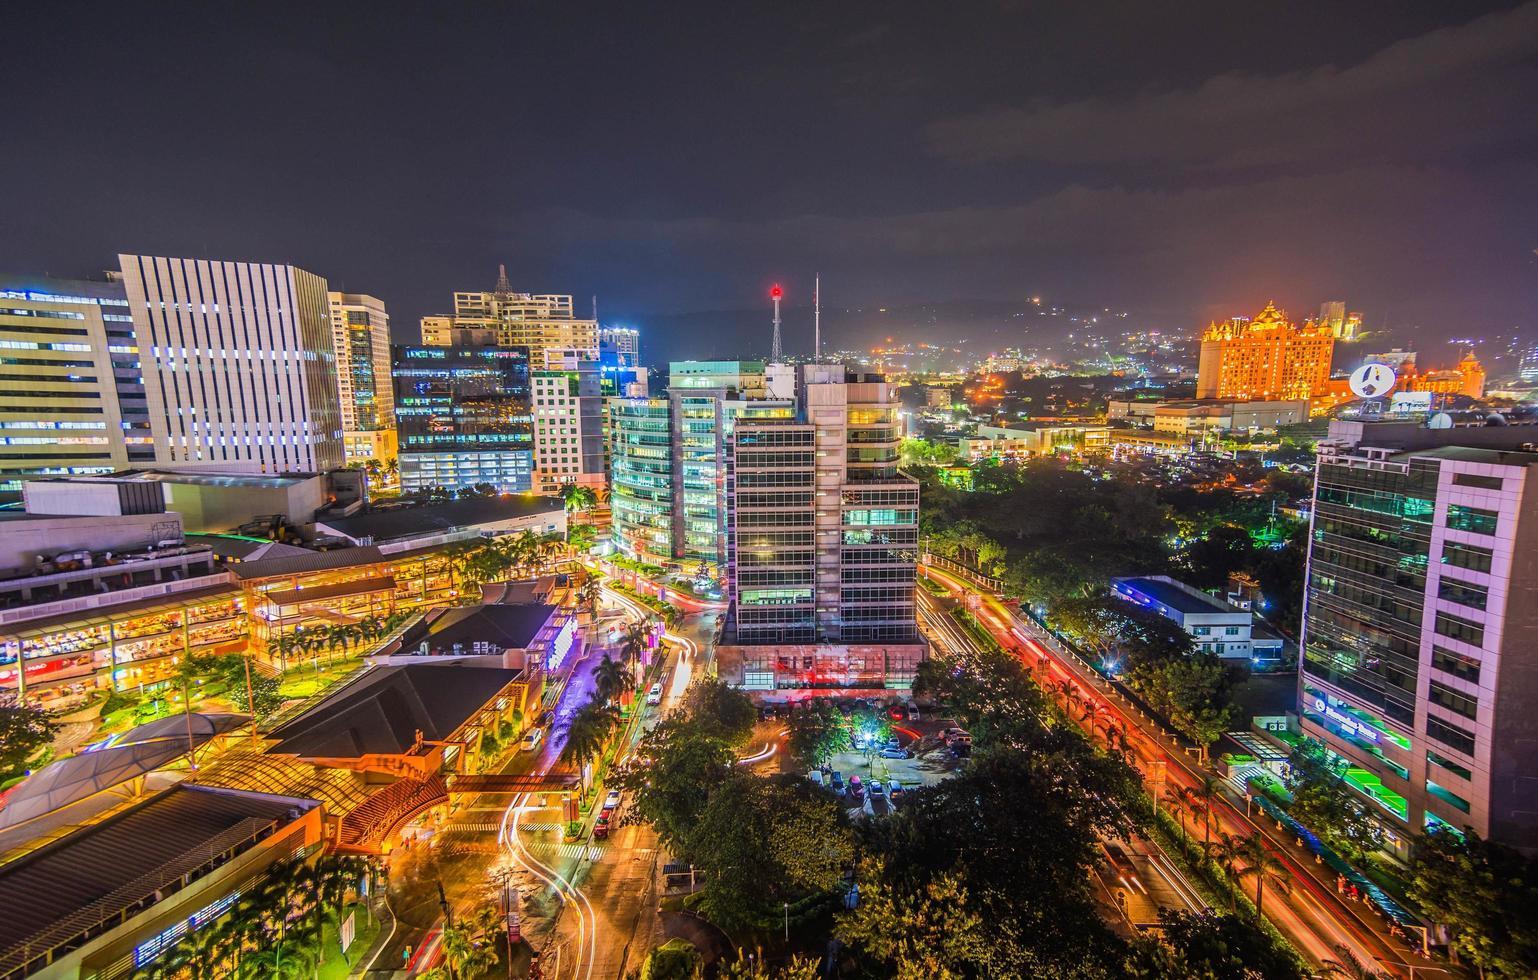 Foto de larga exposición de una ciudad urbana con luces.